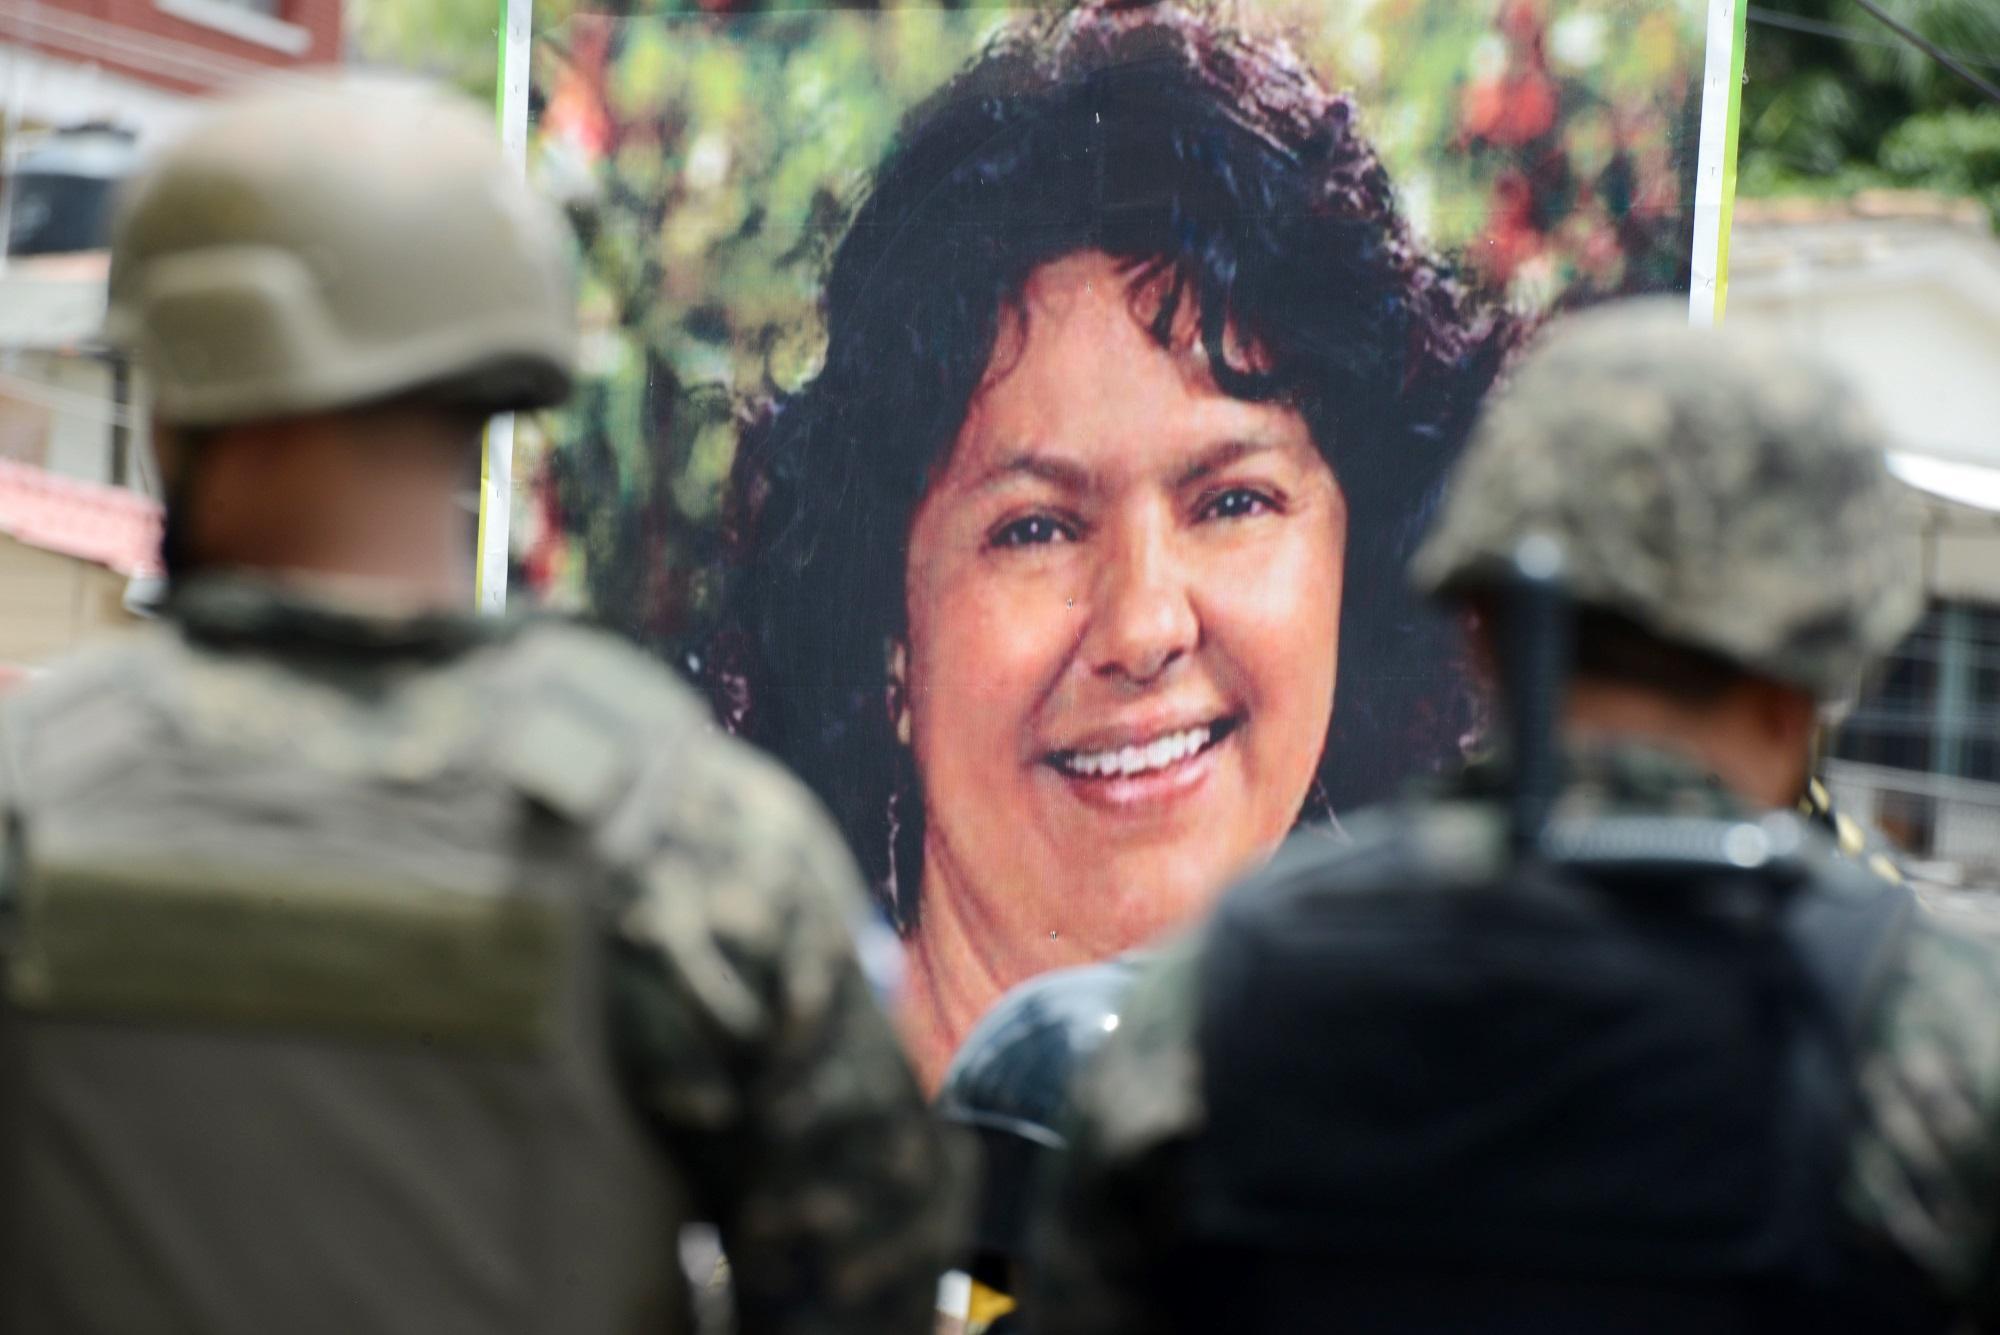 Un póster de Berta Cáceres lidera una marcha de pueblos indígenas hondureños en las calles de Tegucigalpa en agosto de 2016, cinco meses después de su asesinato. Foto: AFP/ Orlando Sierra.